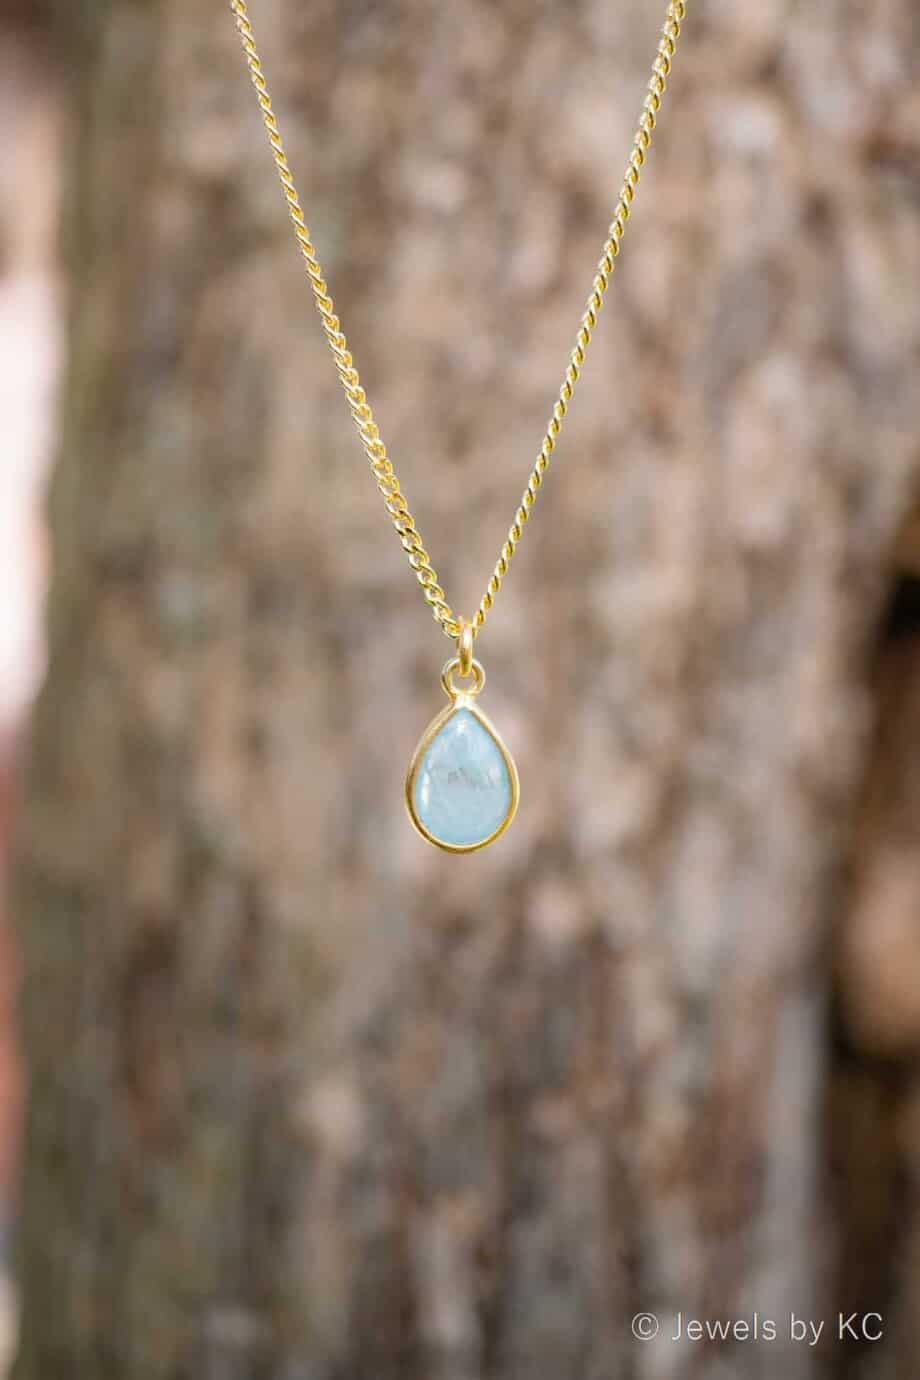 Gouden ketting met edelsteen blauwe 'Aquamarijn' van Goud op Zilver. Handgemaakte edelsteen sieraden van Jewels by KC.